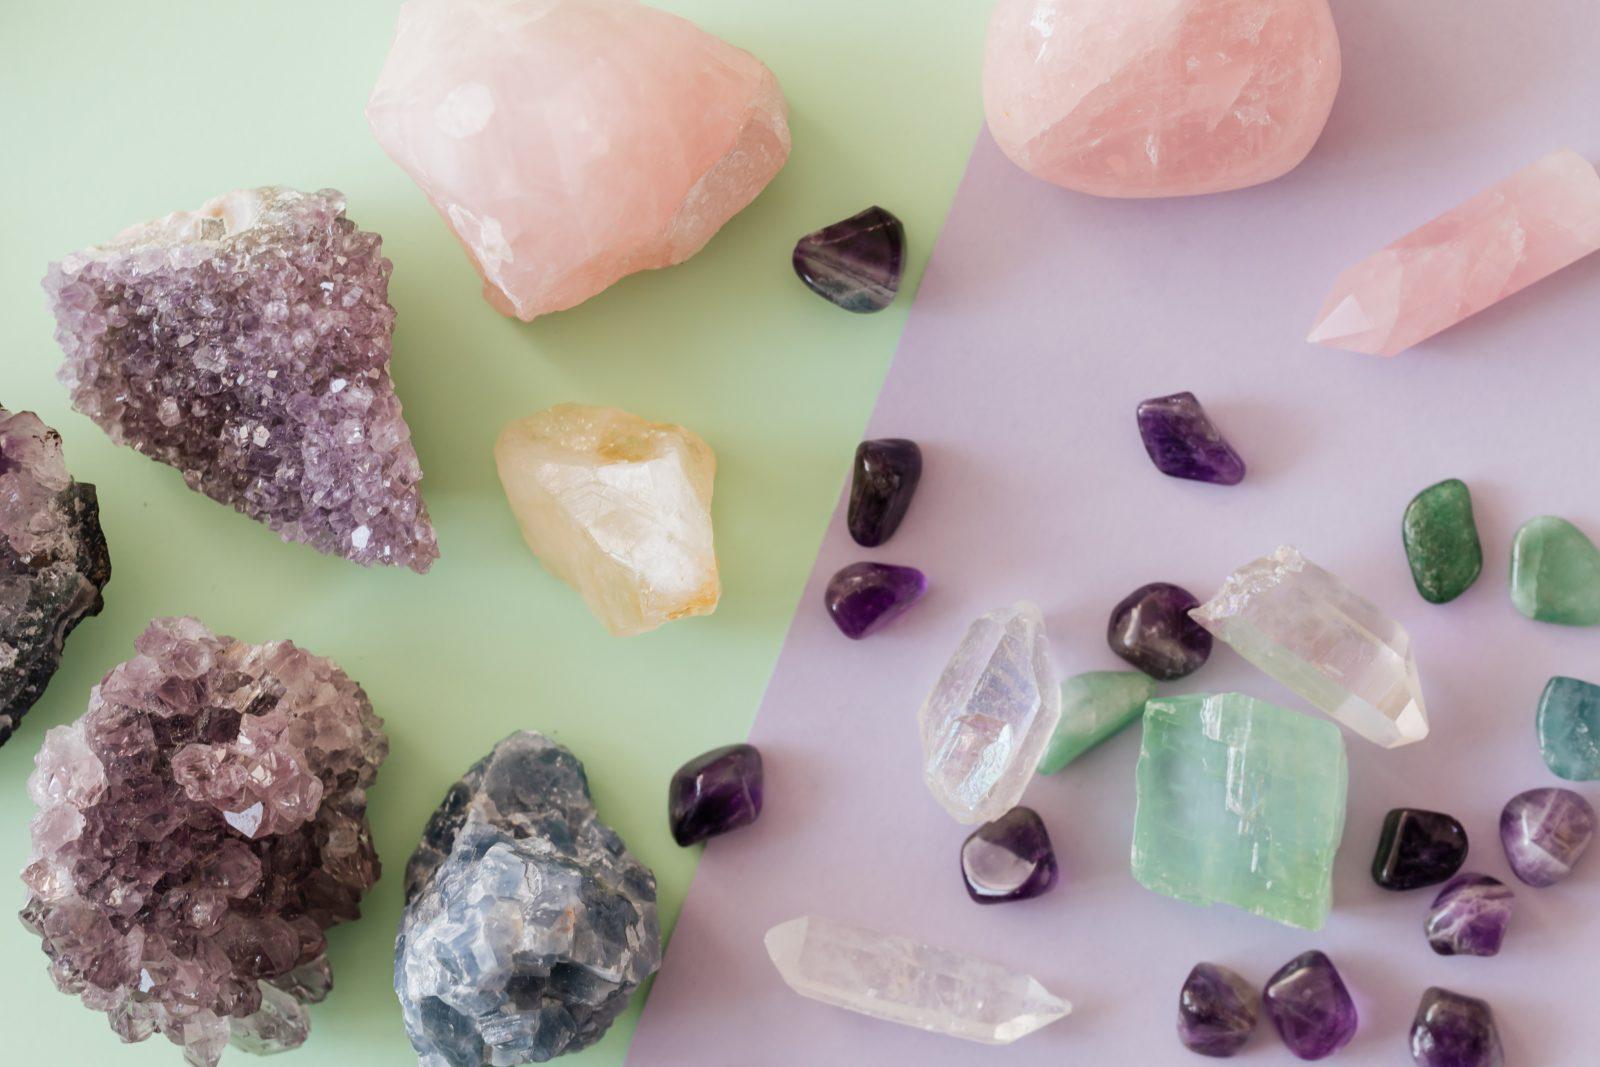 Nombreuses pierres semi-précieuses utilisées en lithothérapie pour le bien-être.